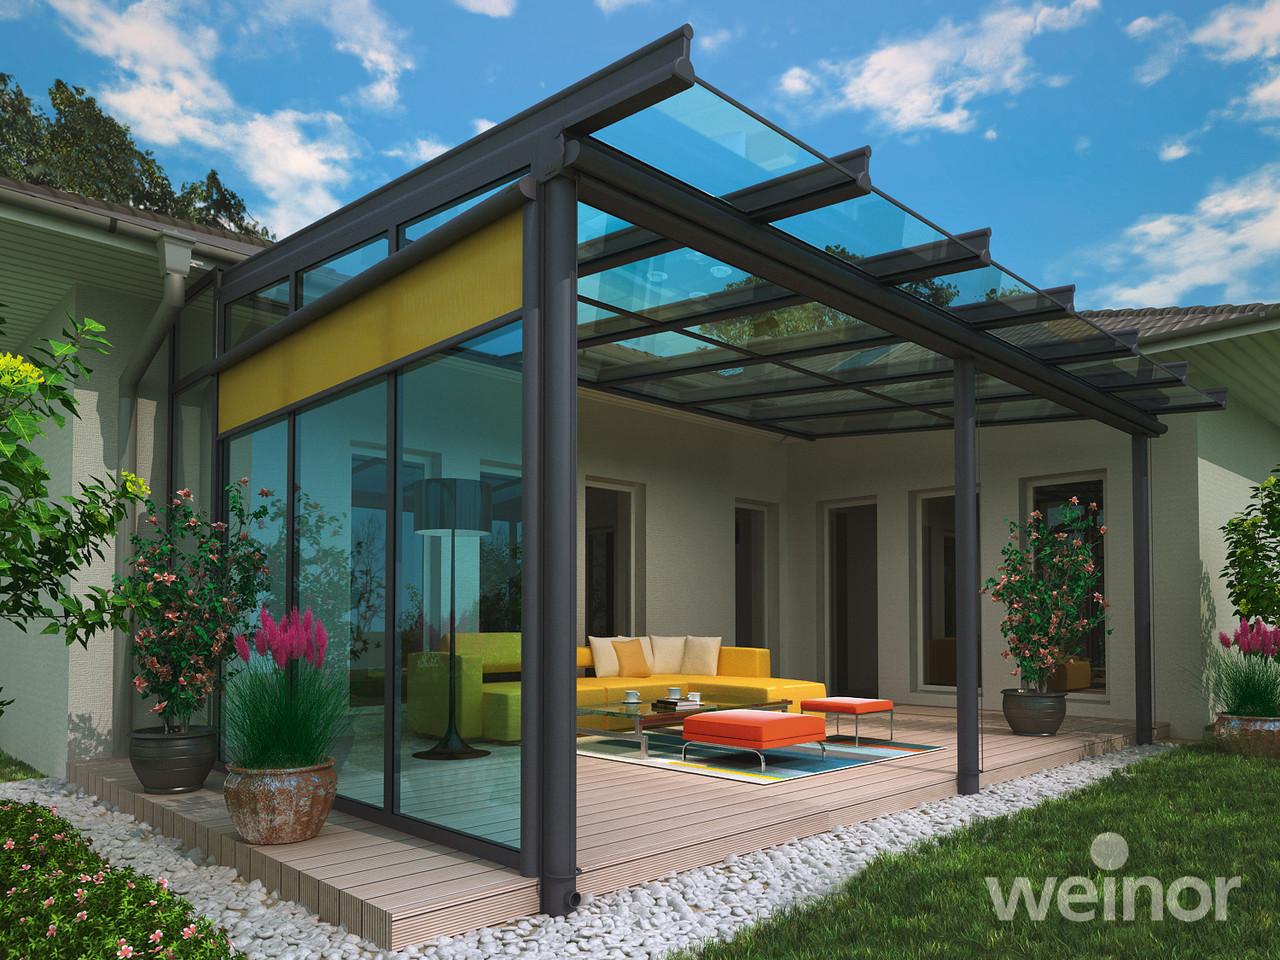 Terrassenüberdachung Glas - Weinor